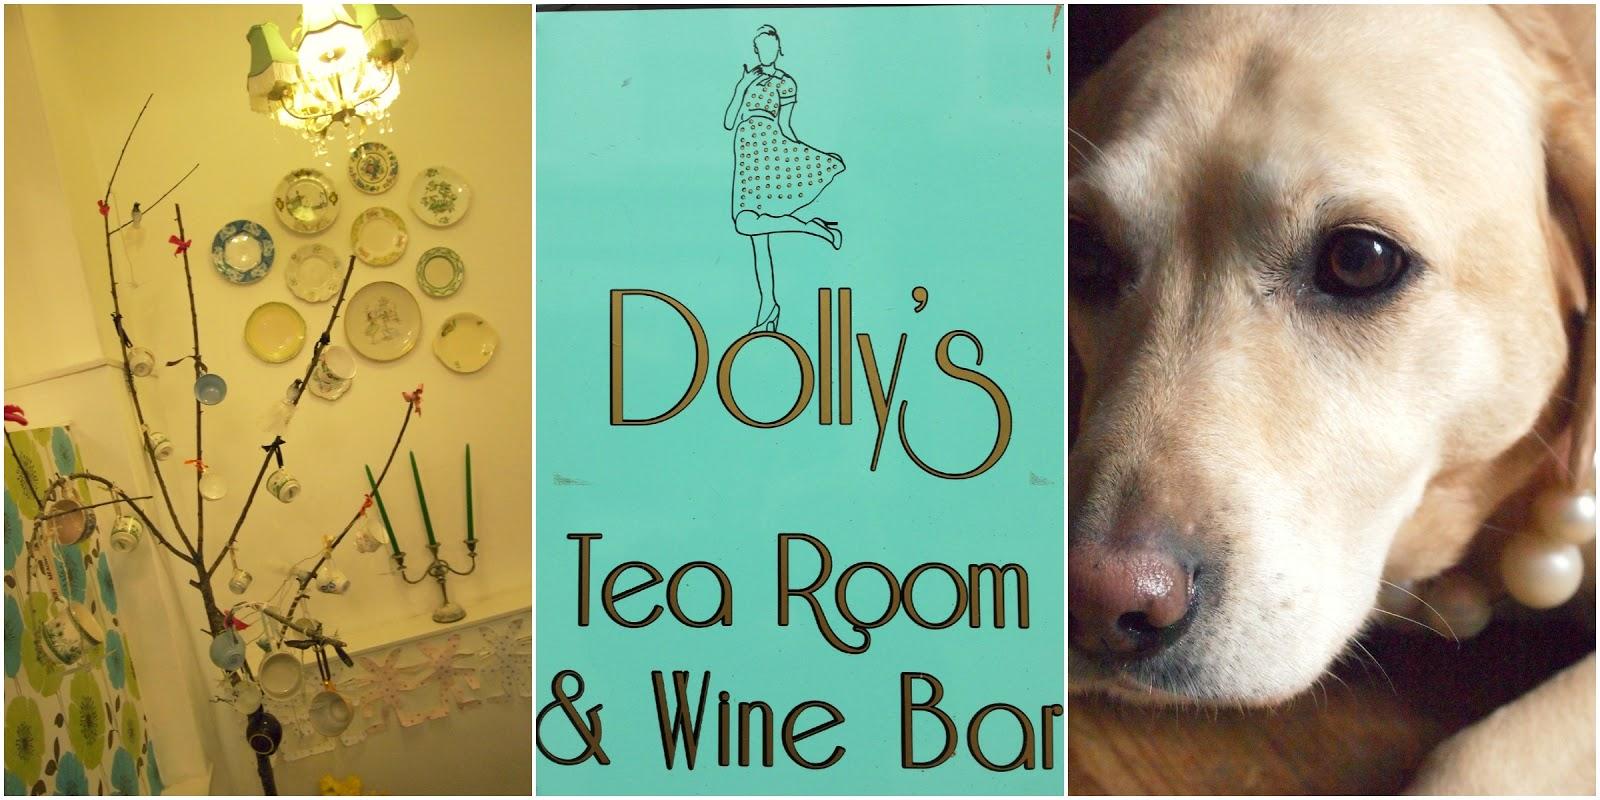 http://1.bp.blogspot.com/-GouuCismcuY/UWF4BdAiBbI/AAAAAAAAYNI/u886DHd8__U/s1600/dolly+collage+1.jpg